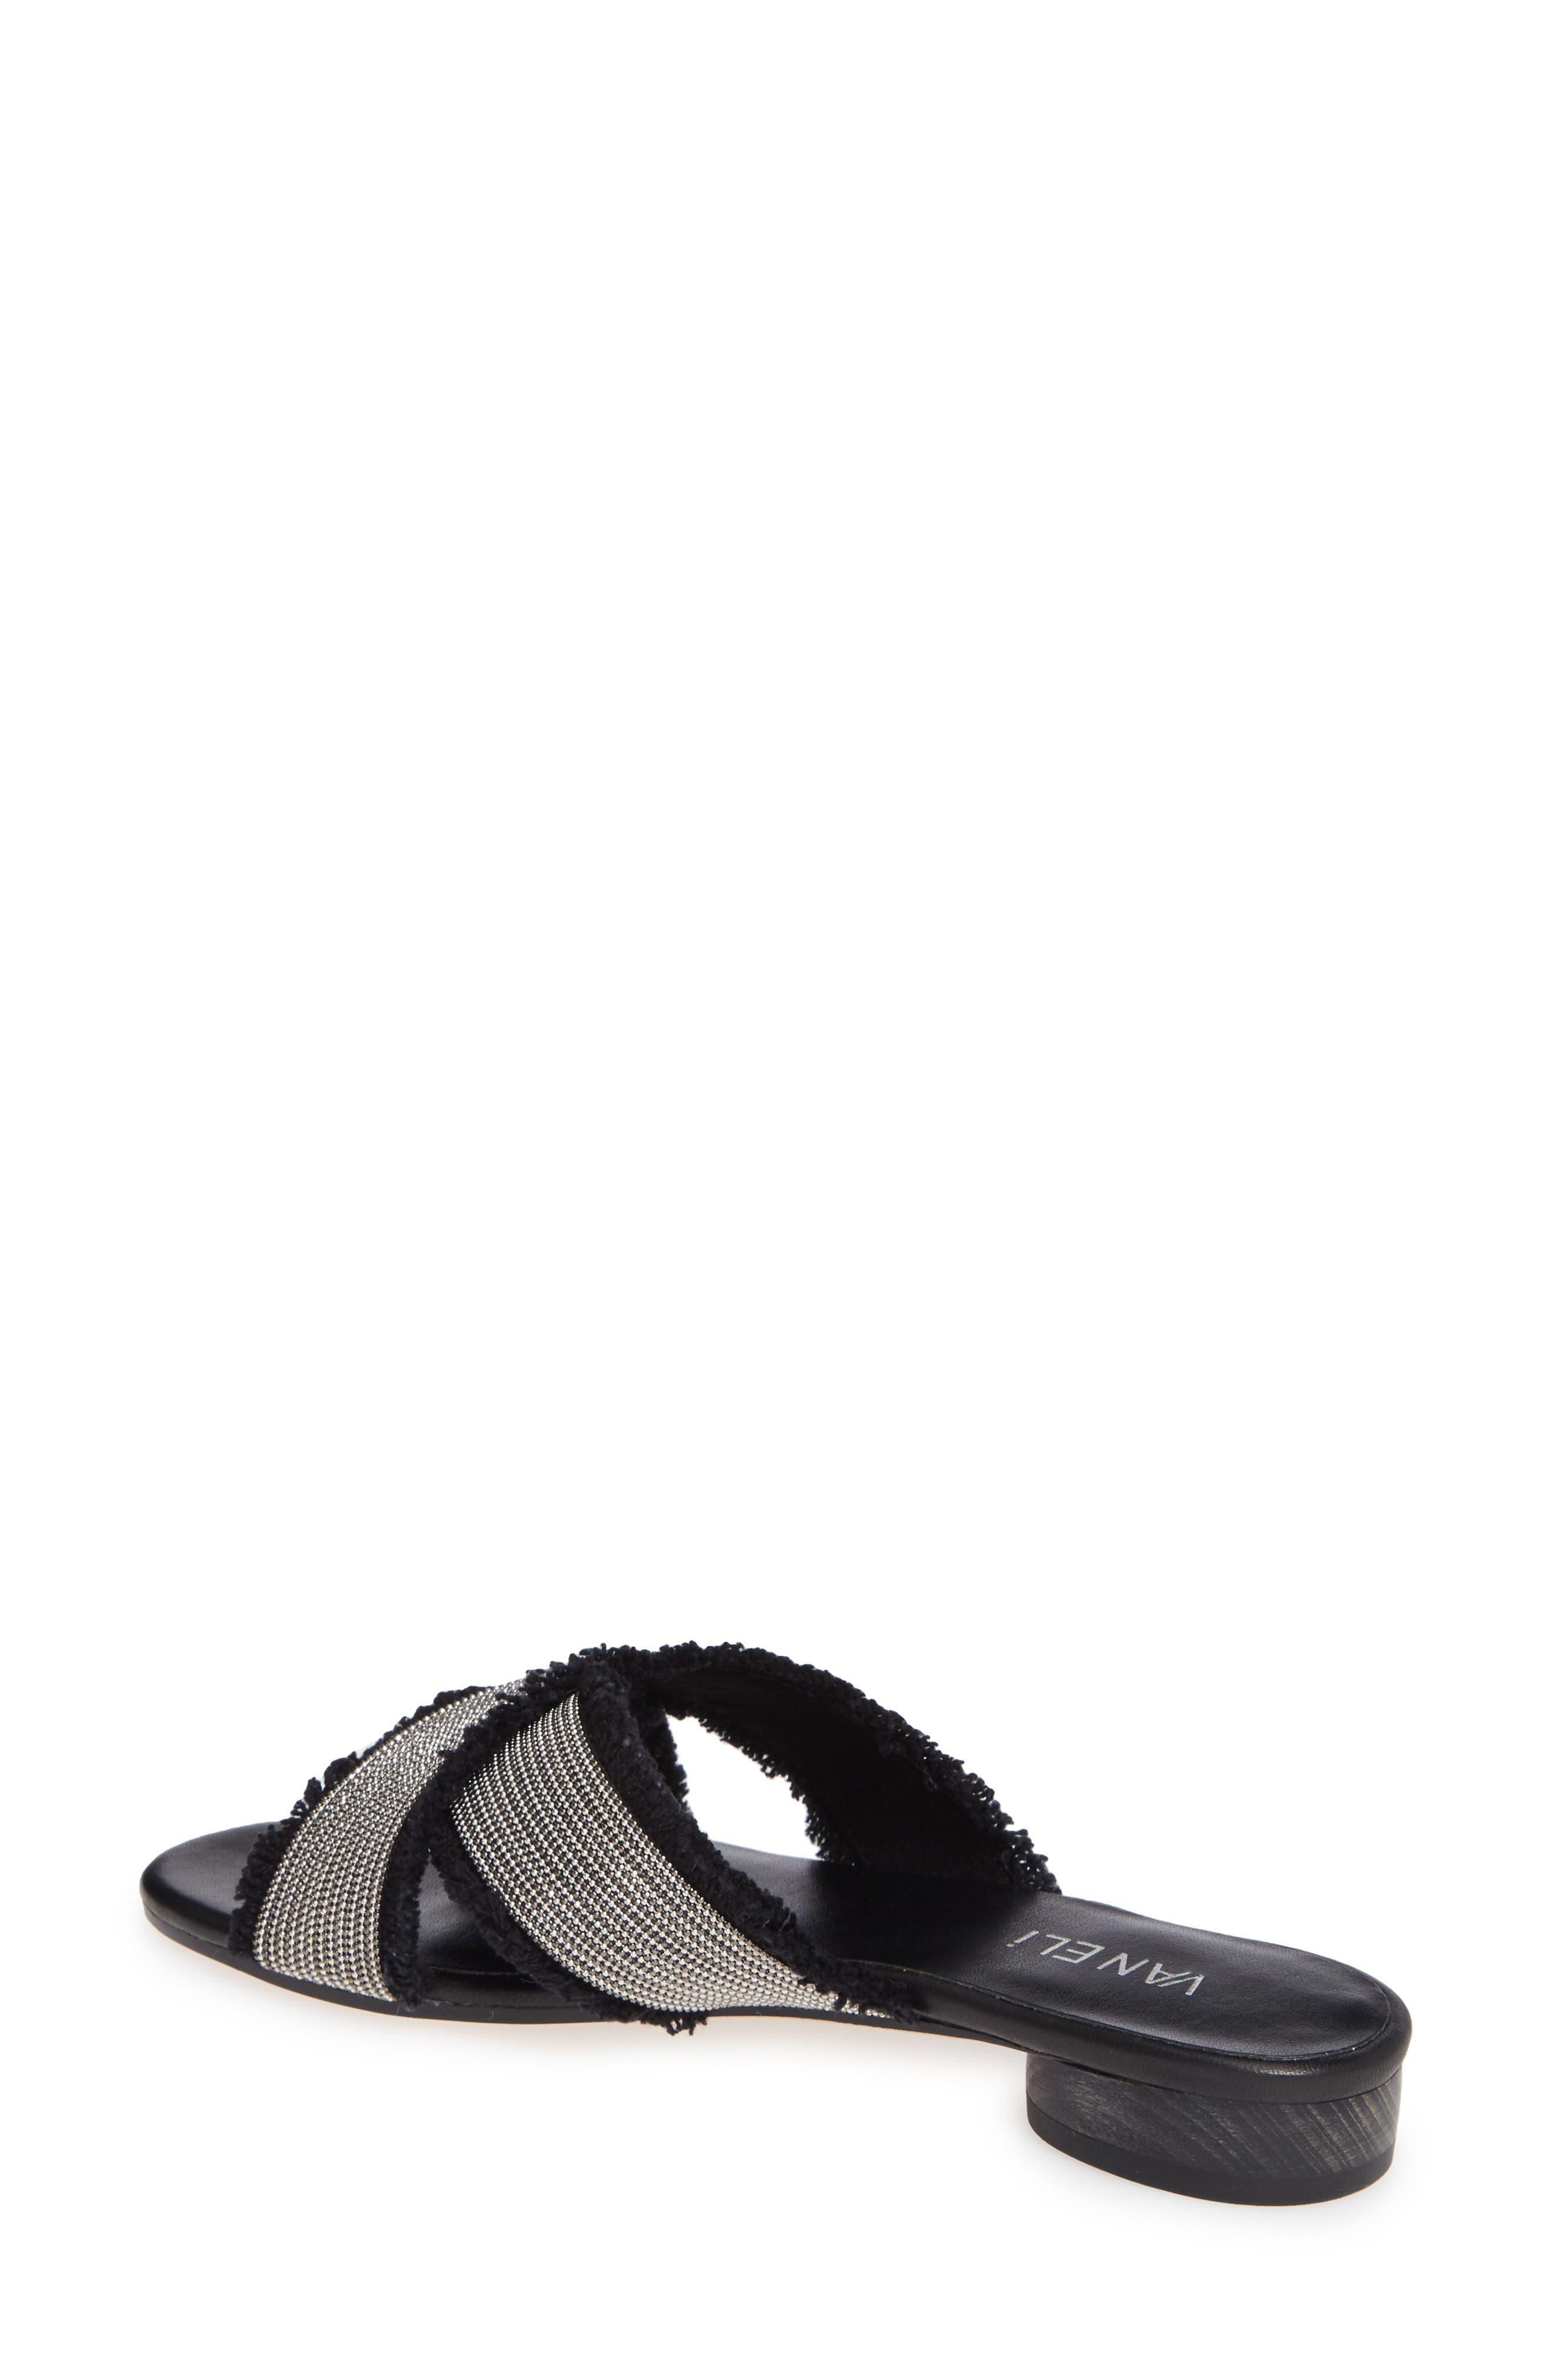 Baret Slide Sandal,                             Alternate thumbnail 2, color,                             BLACK FABRIC